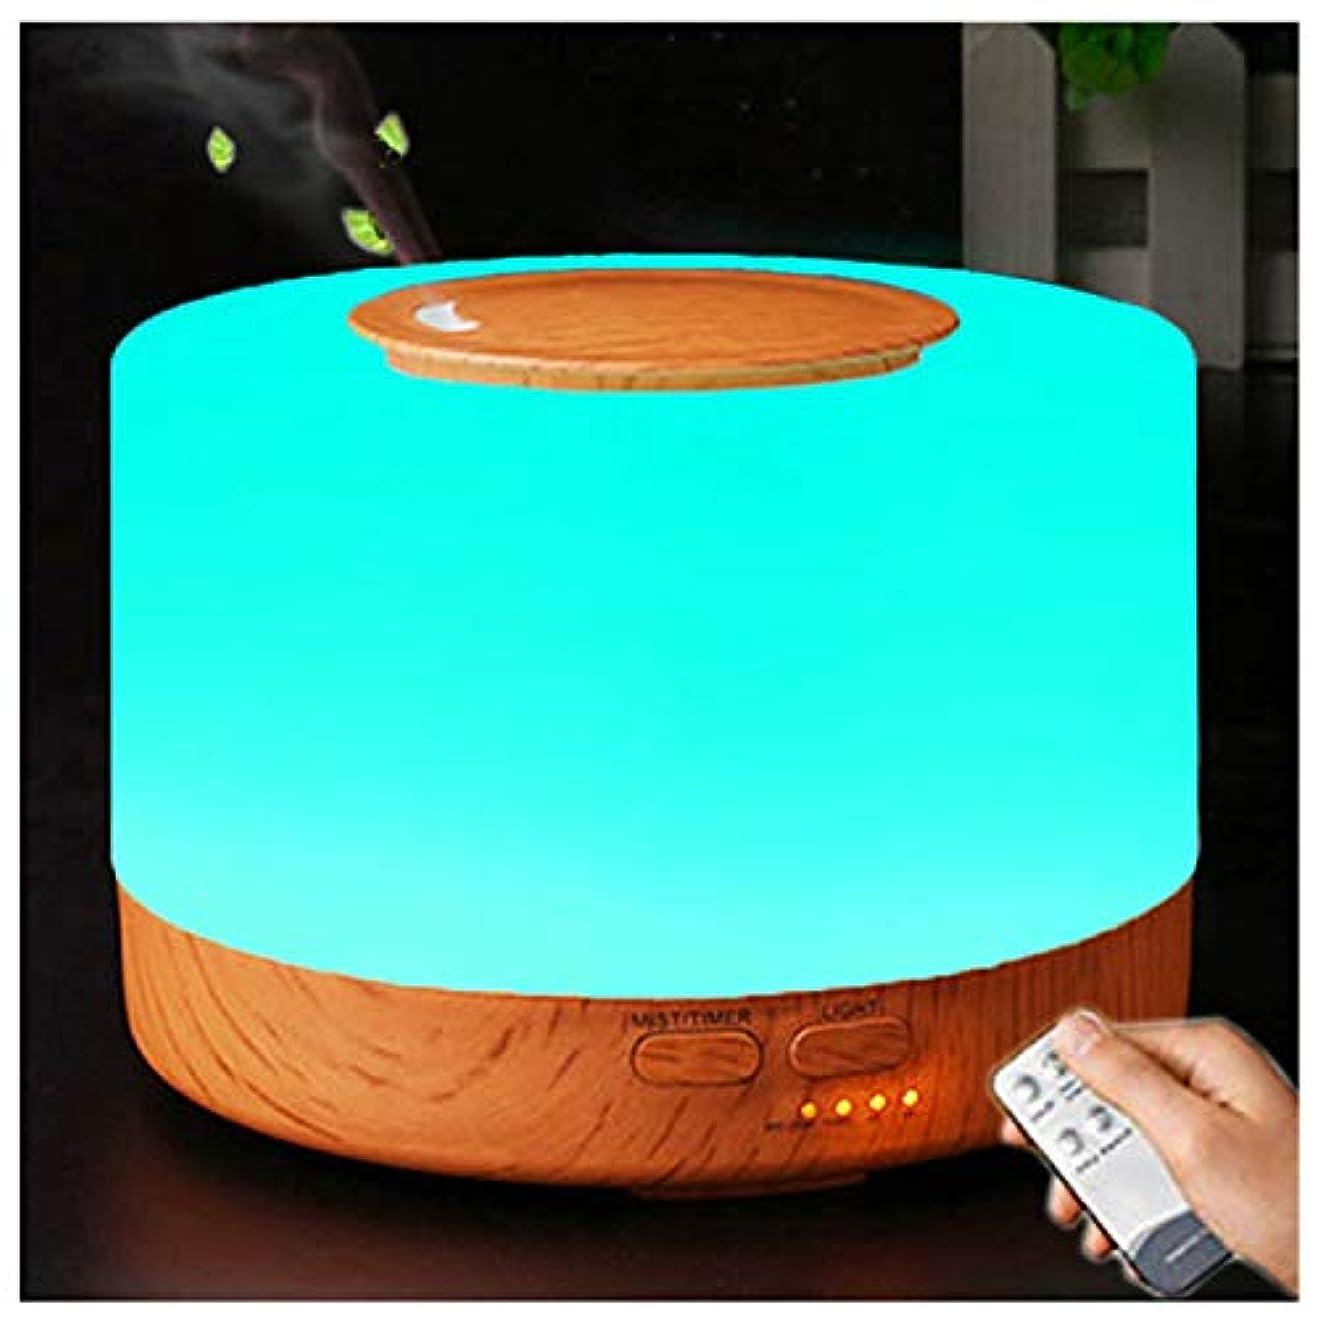 寝る幾何学植物学アロマディフューザー 加湿器, 卓上 大容量 超音波加湿器, 500ML 保湿 時間設定 空焚き防止 7色変換LED搭載 (木目調)